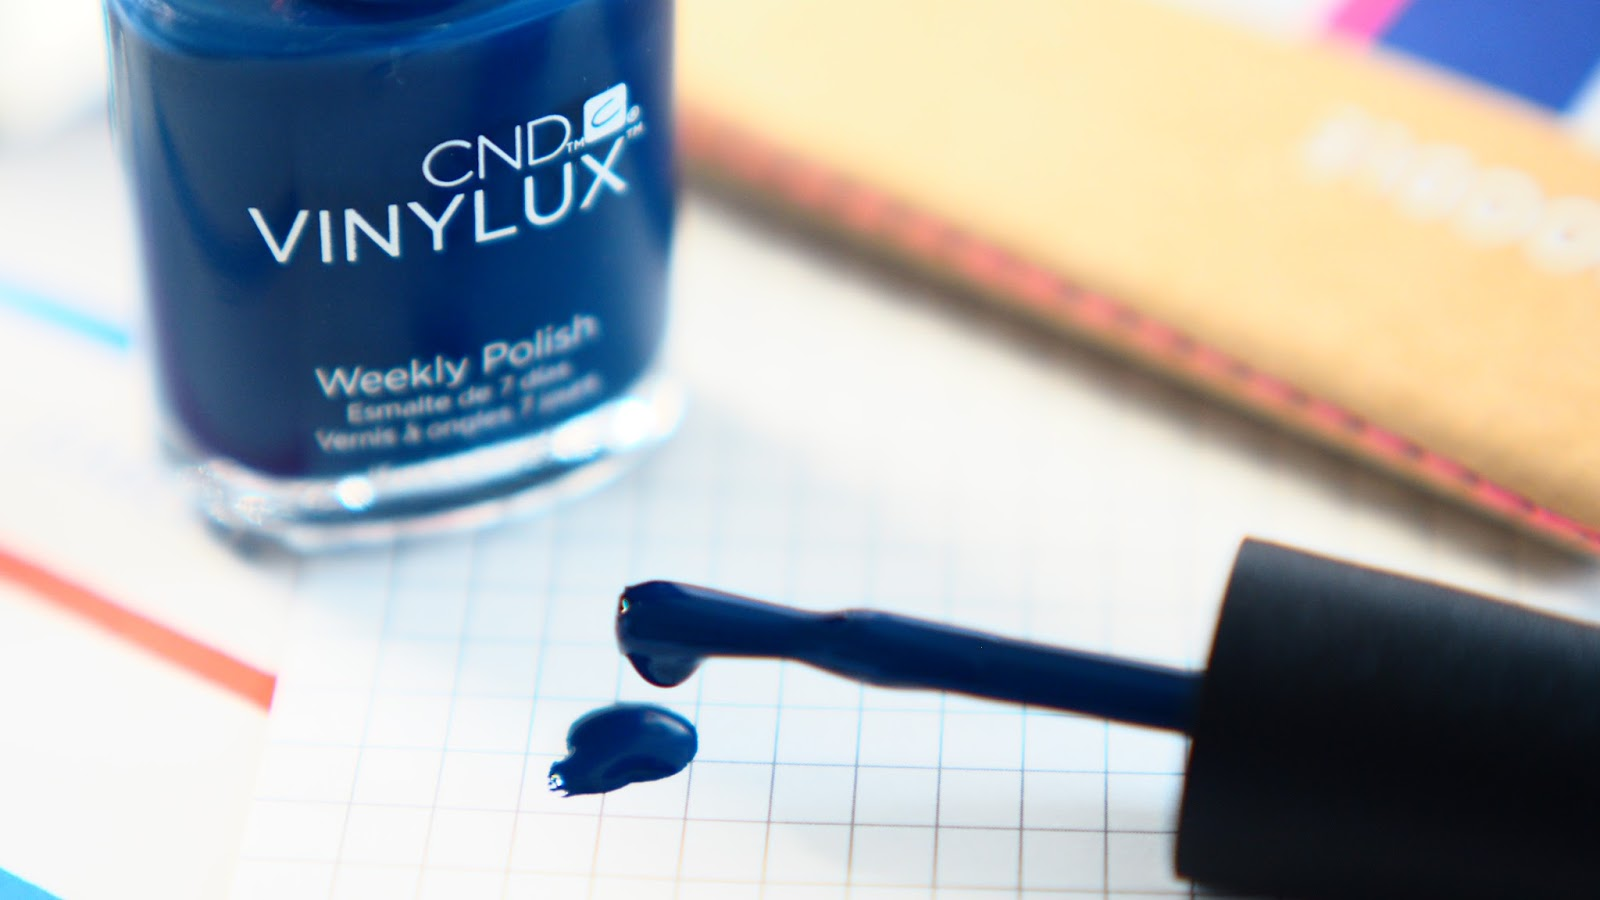 CND Vinylux Nails   Rougepout Beauty